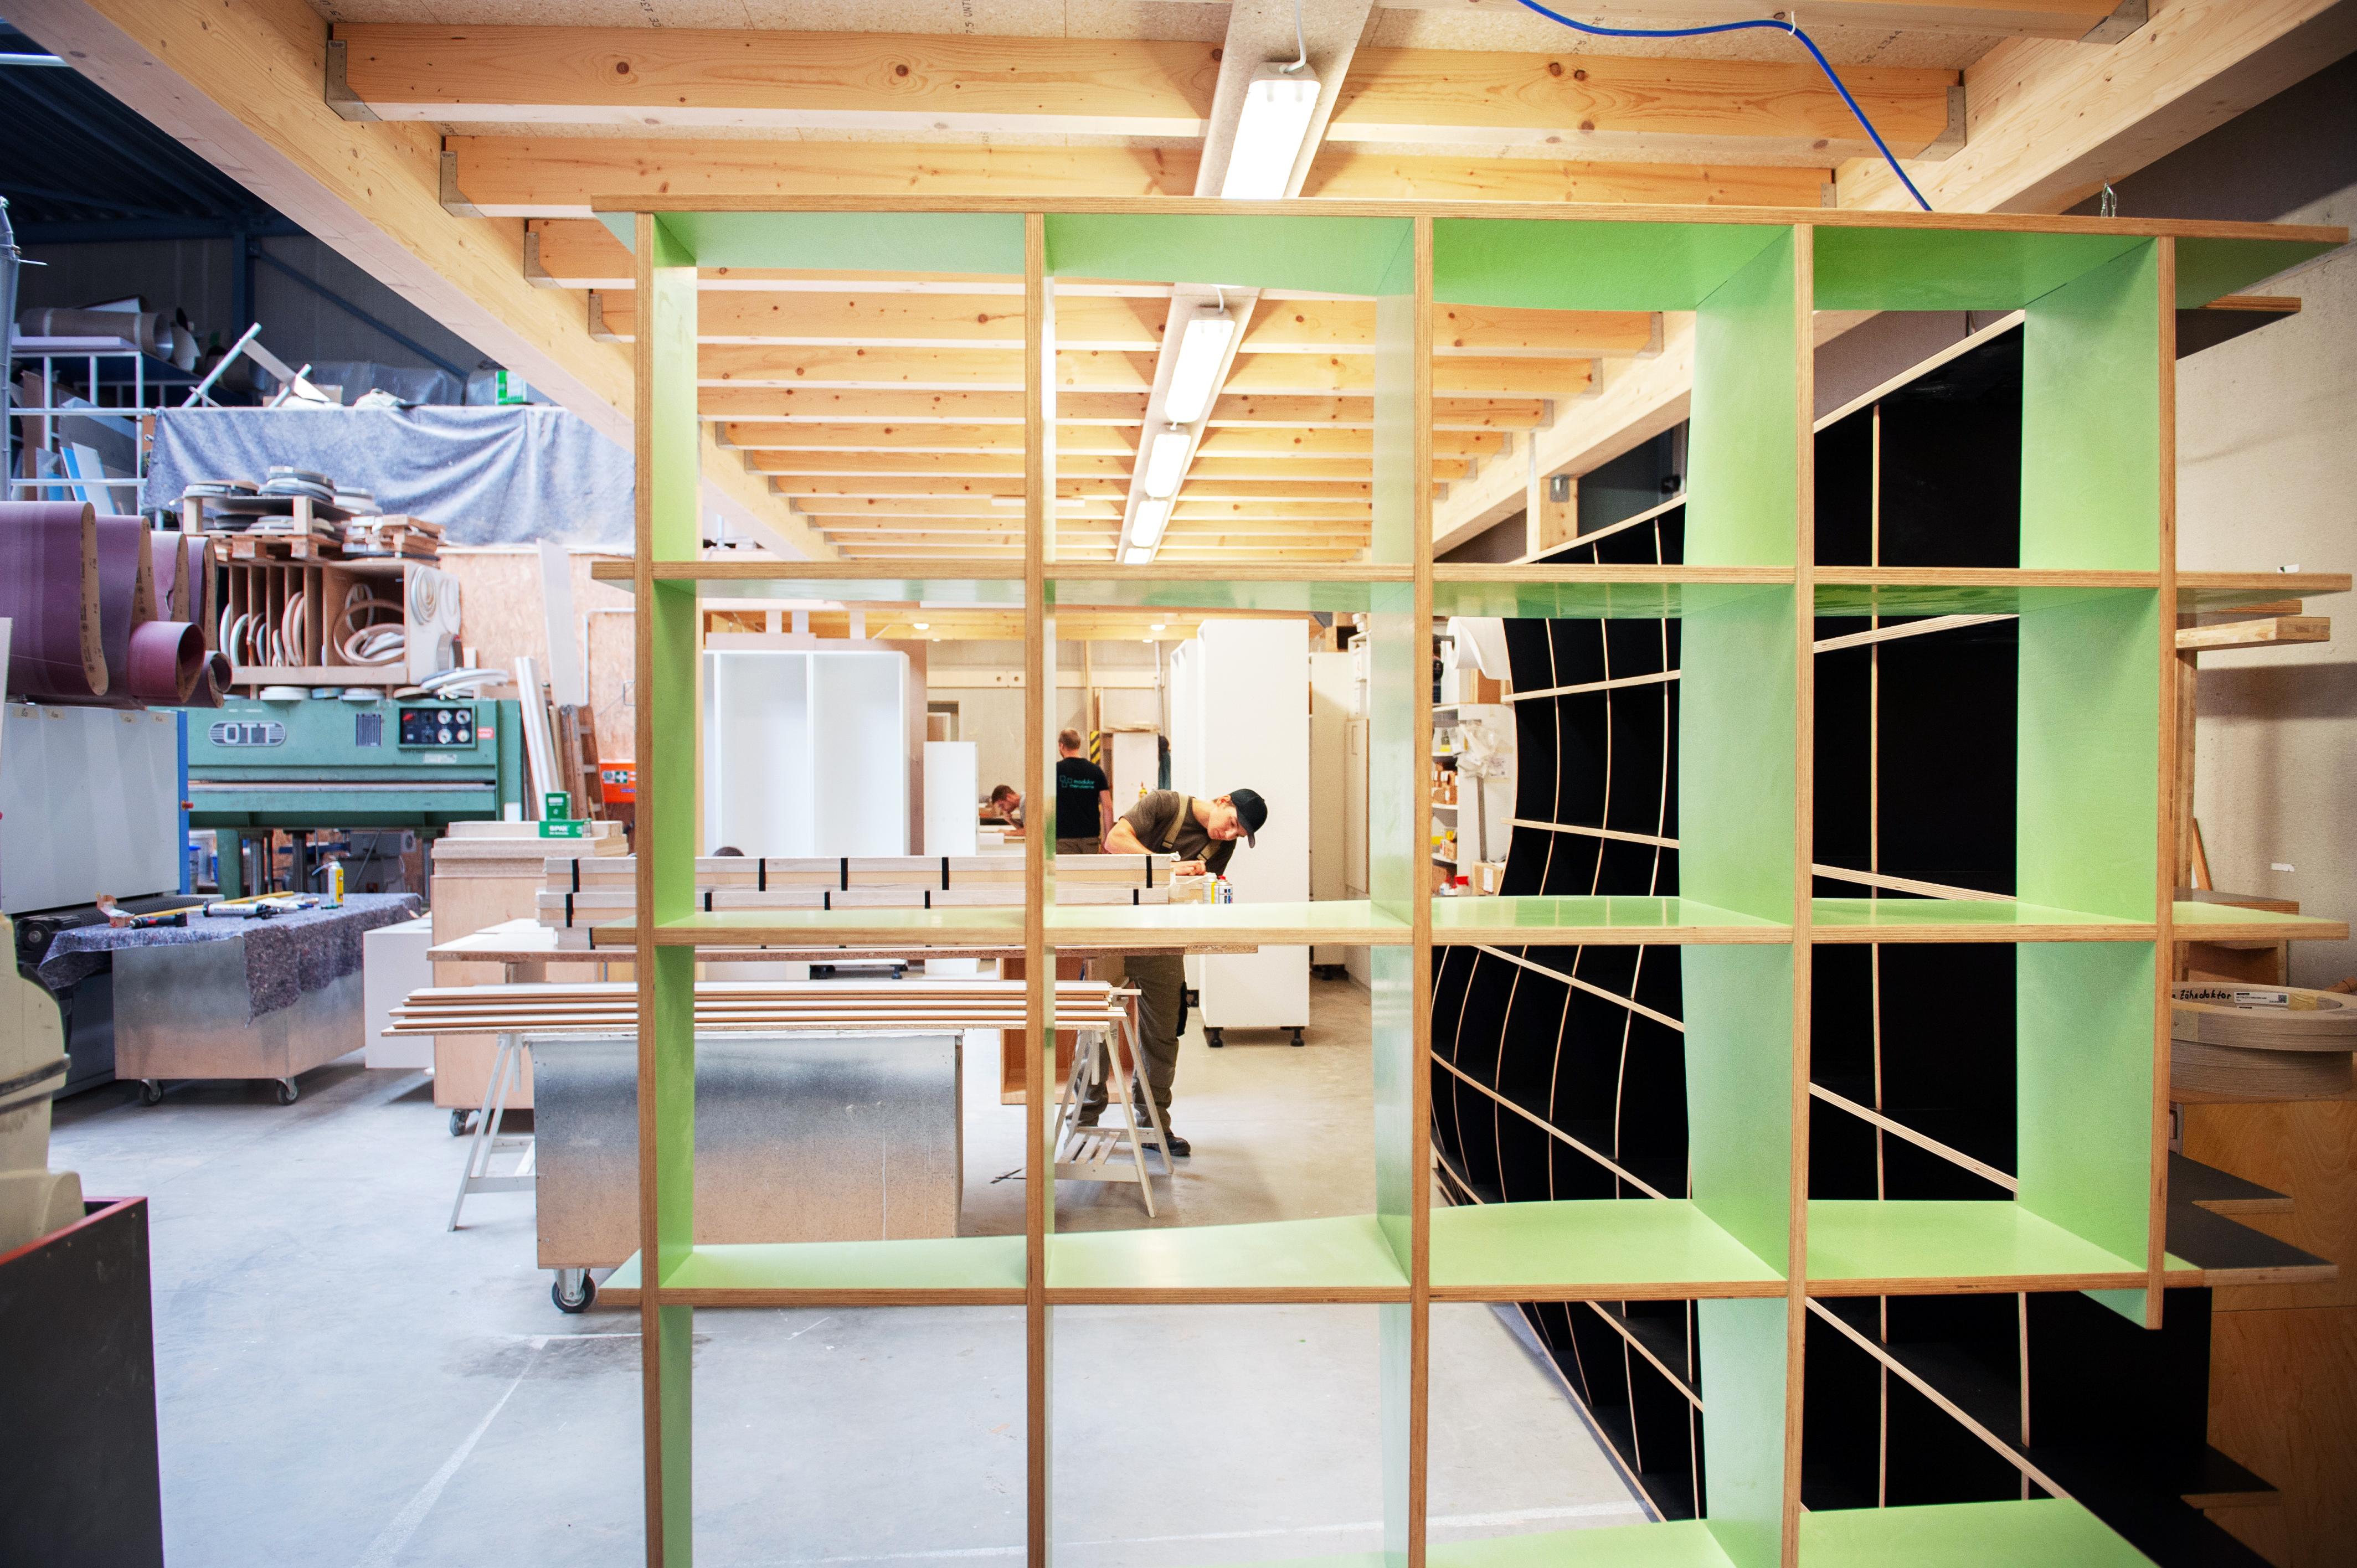 Les meubles sont réalisés en collaboration avec des designers ou des architectes d'intérieur (Photo: Lala La Photo)